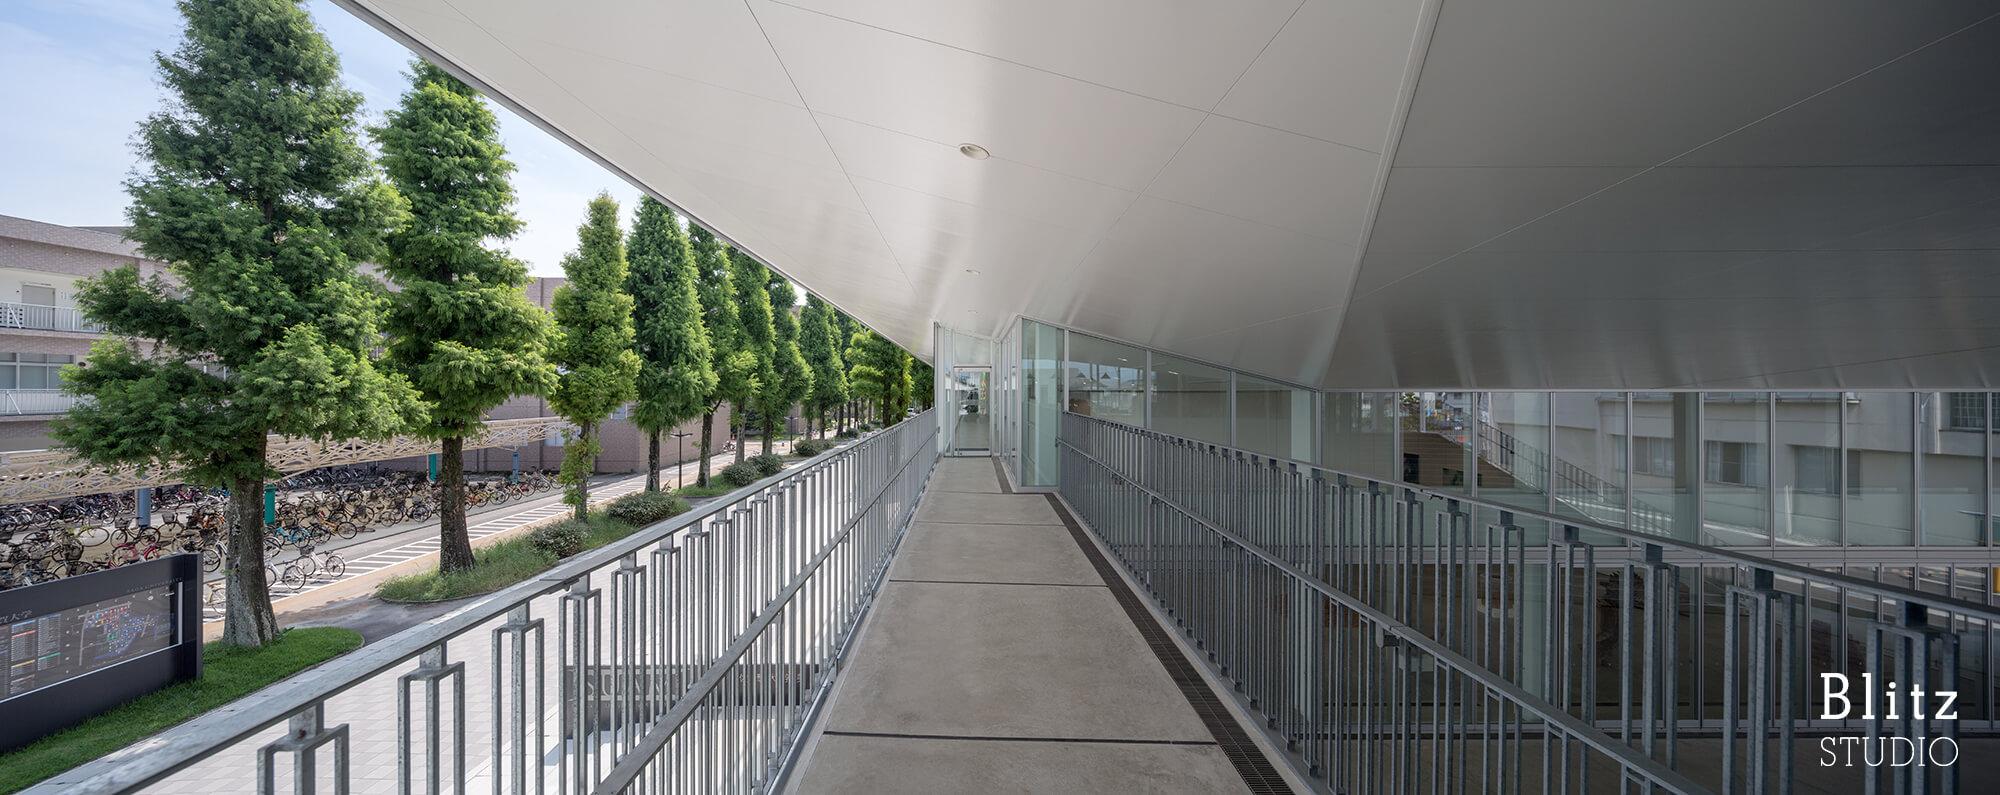 『佐賀大学 美術館』建築写真・竣工写真・インテリア写真12